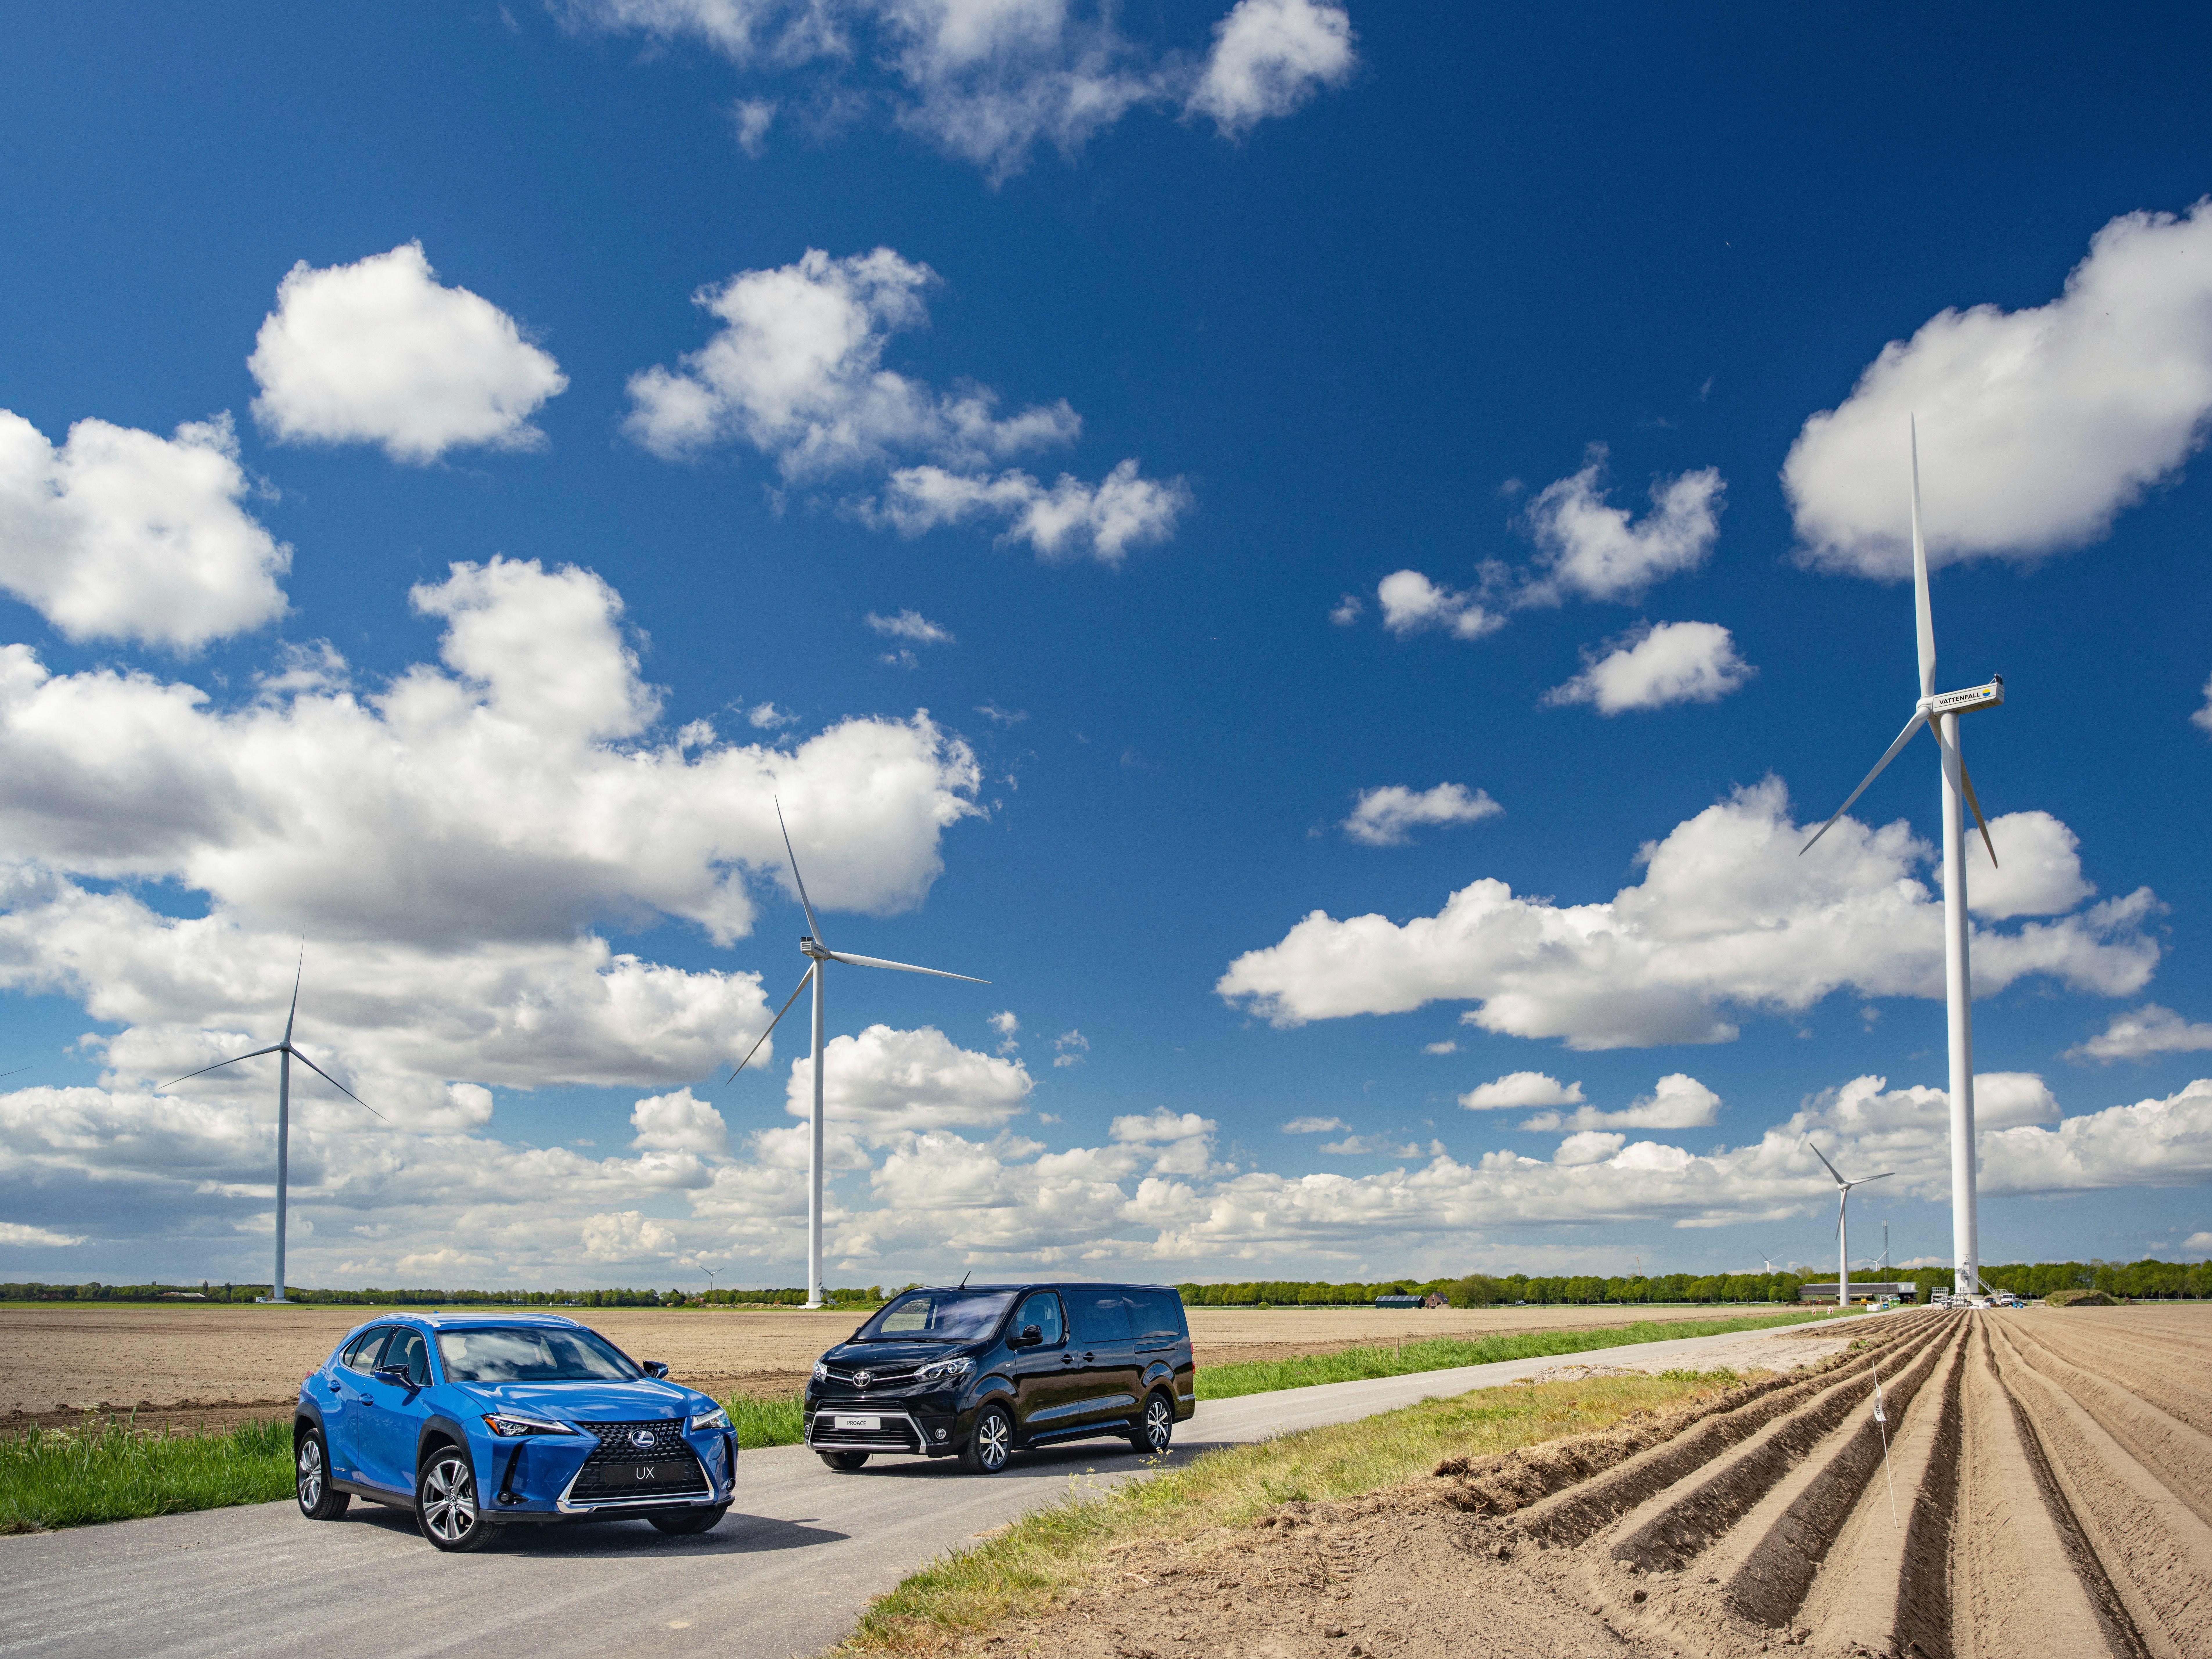 Toyota_Lexus choose InCharge